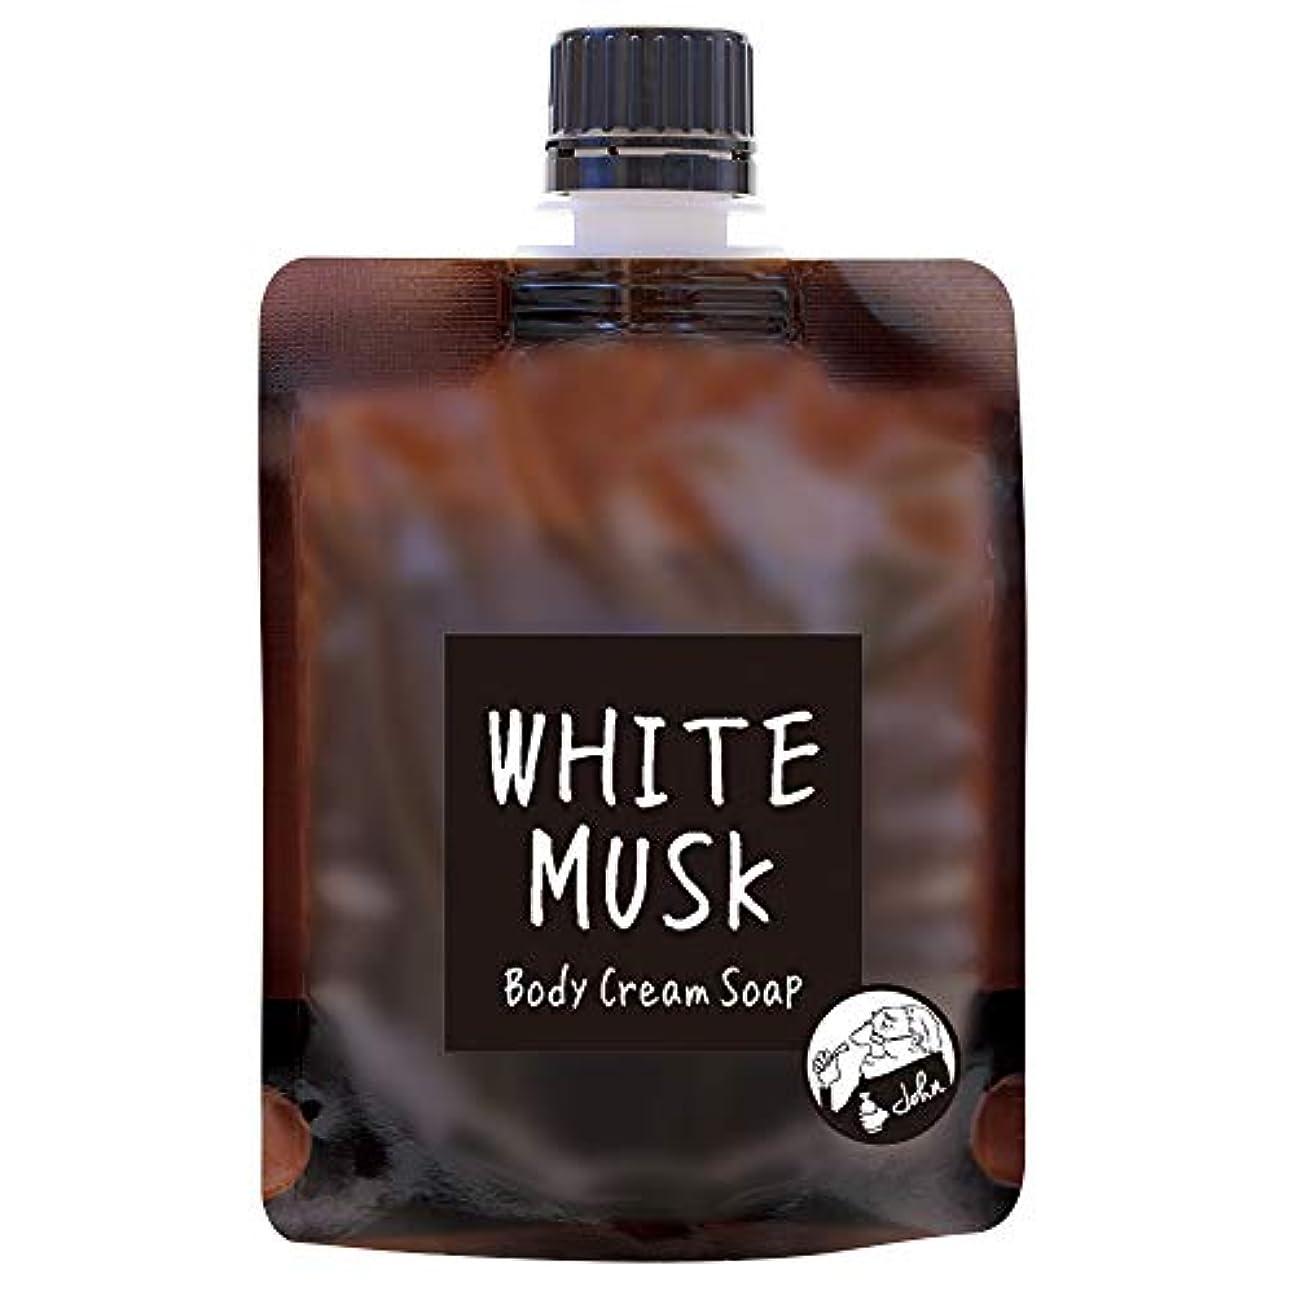 ペデスタル母性充電ノルコーポレーション John's Blend ボディクリームソープ 保湿成分配合 OA-JON-19-1 ボディソープ ホワイトムスクの香り 100g